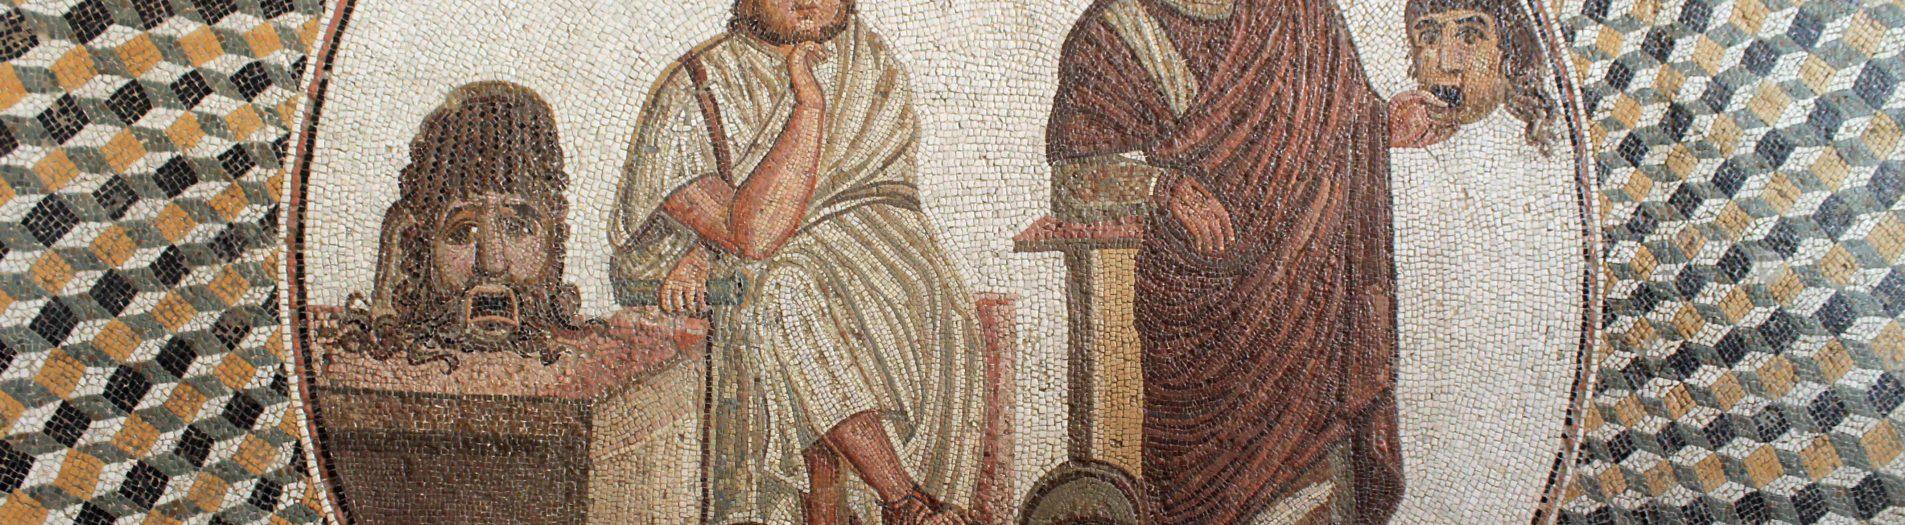 Les poètes dans la mosaïque romaino-africaine en Tunisie